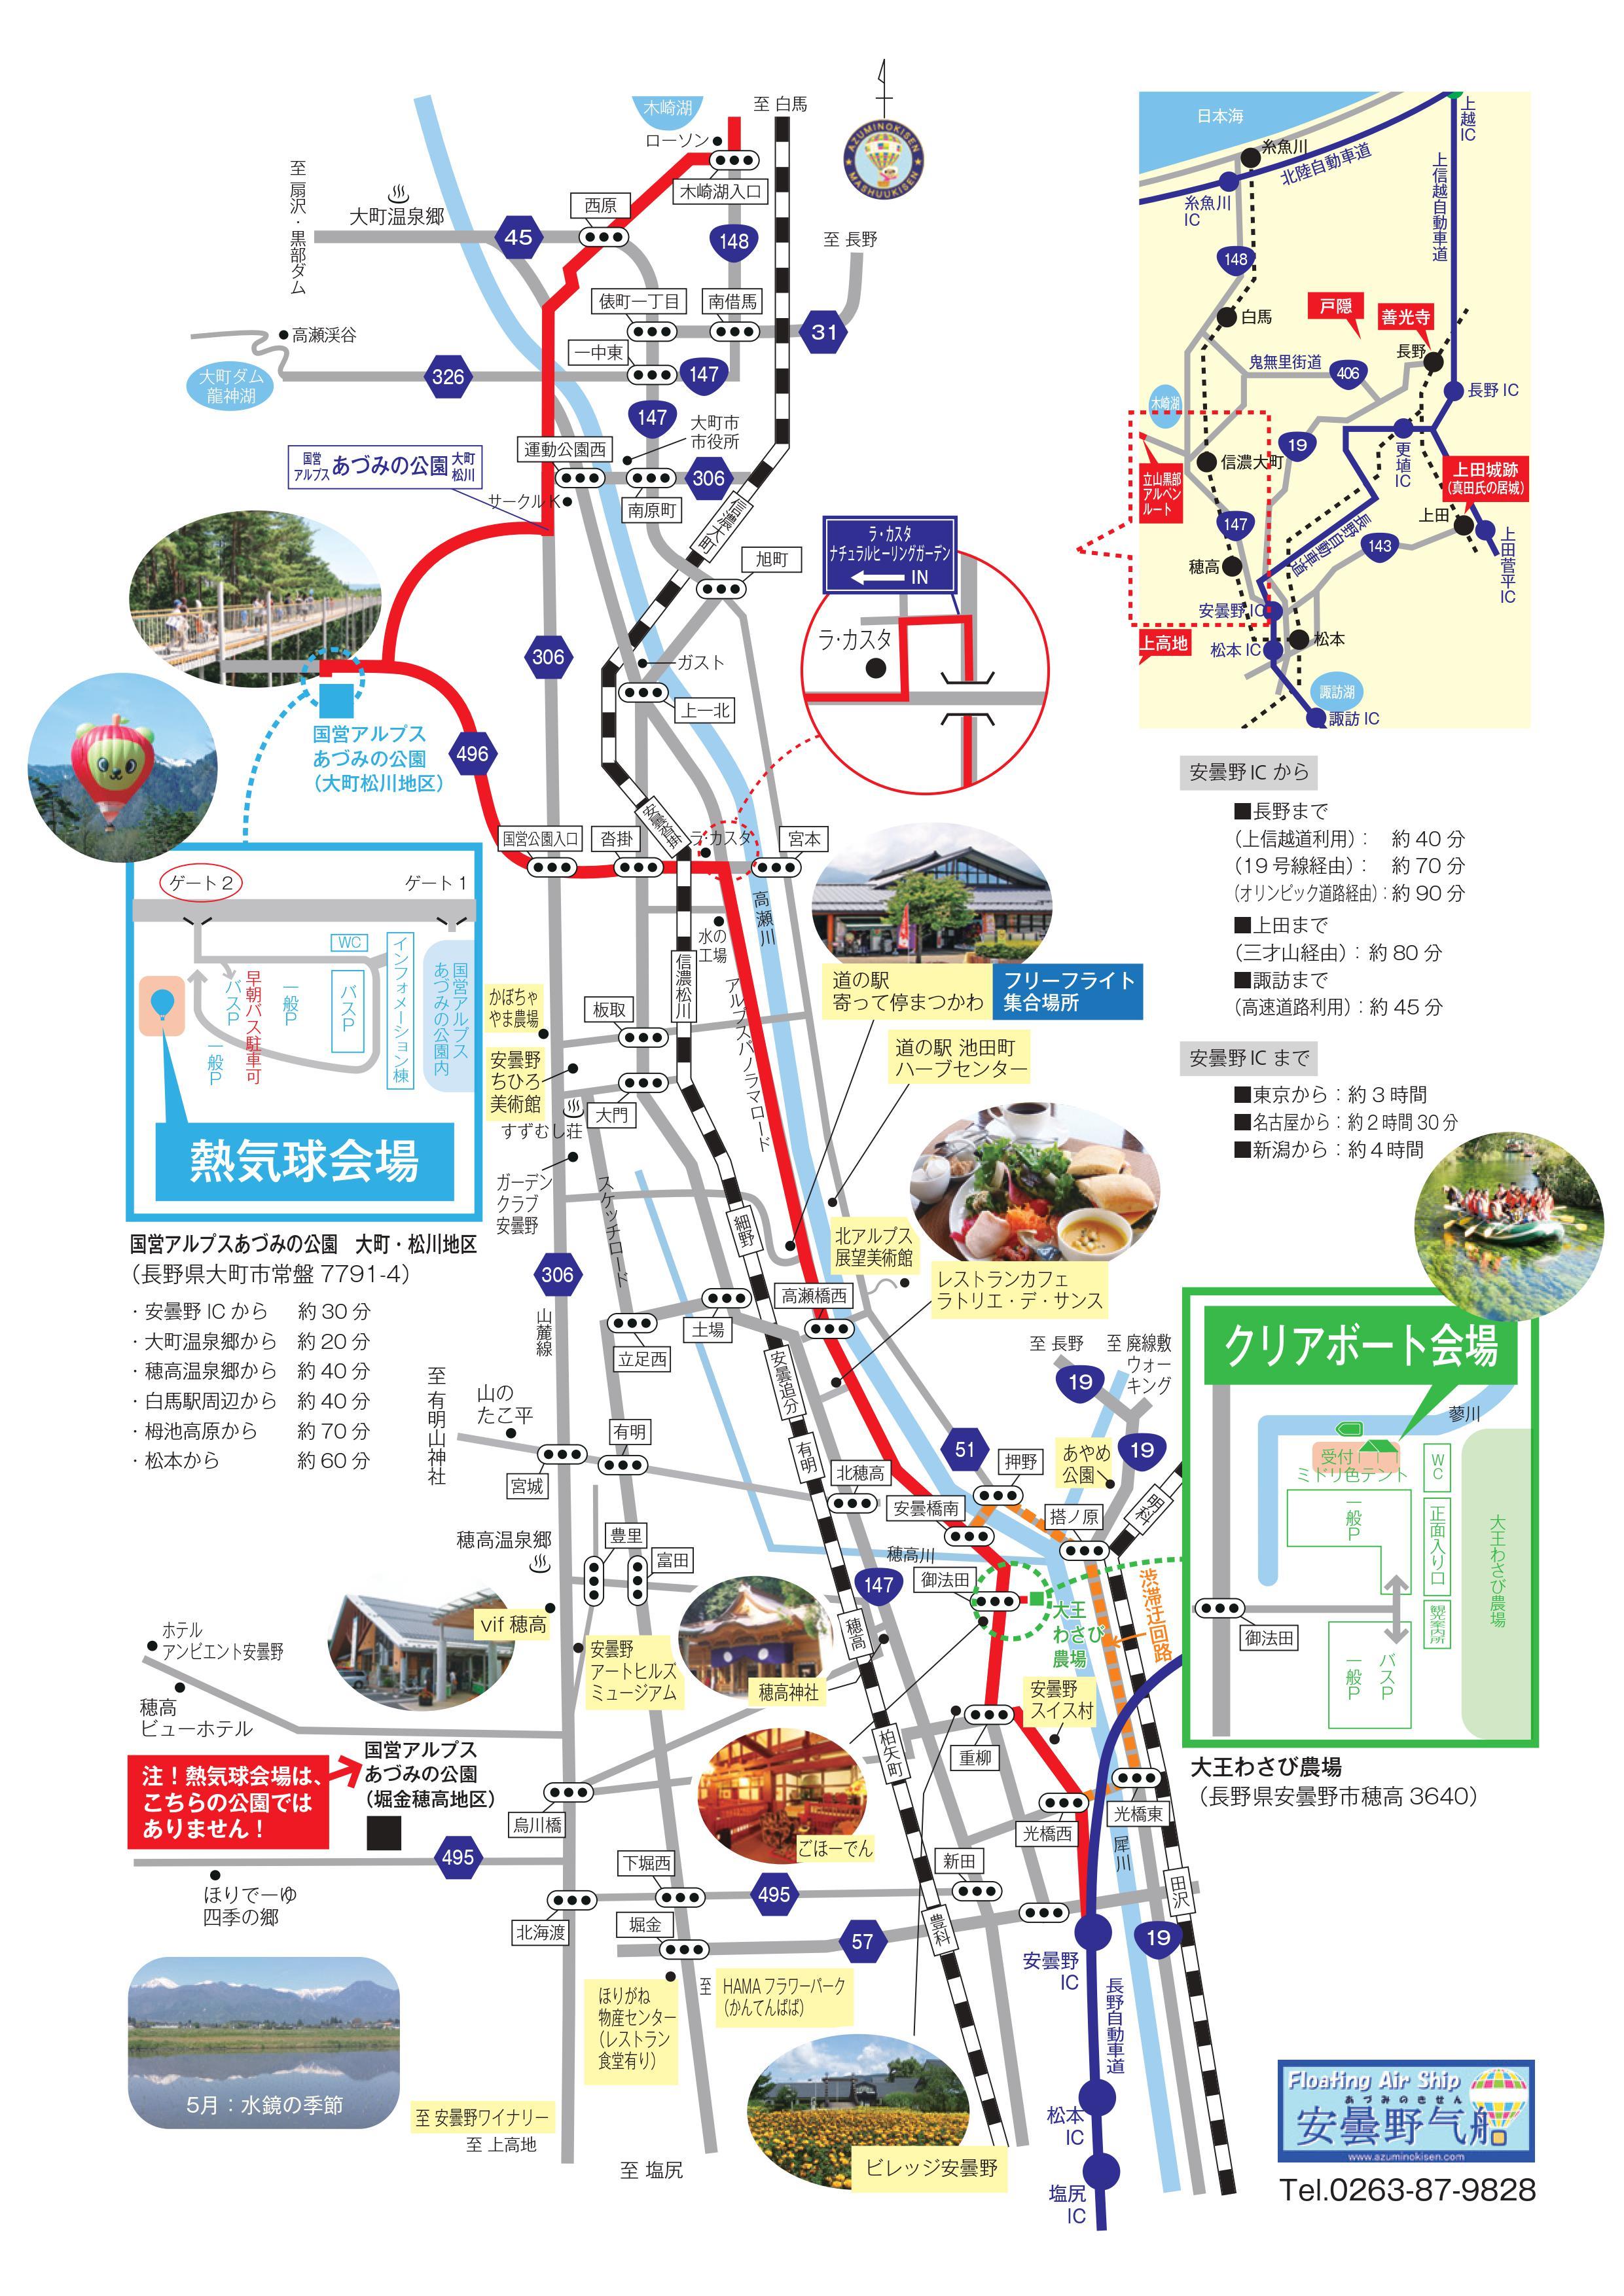 2016体験会場地図